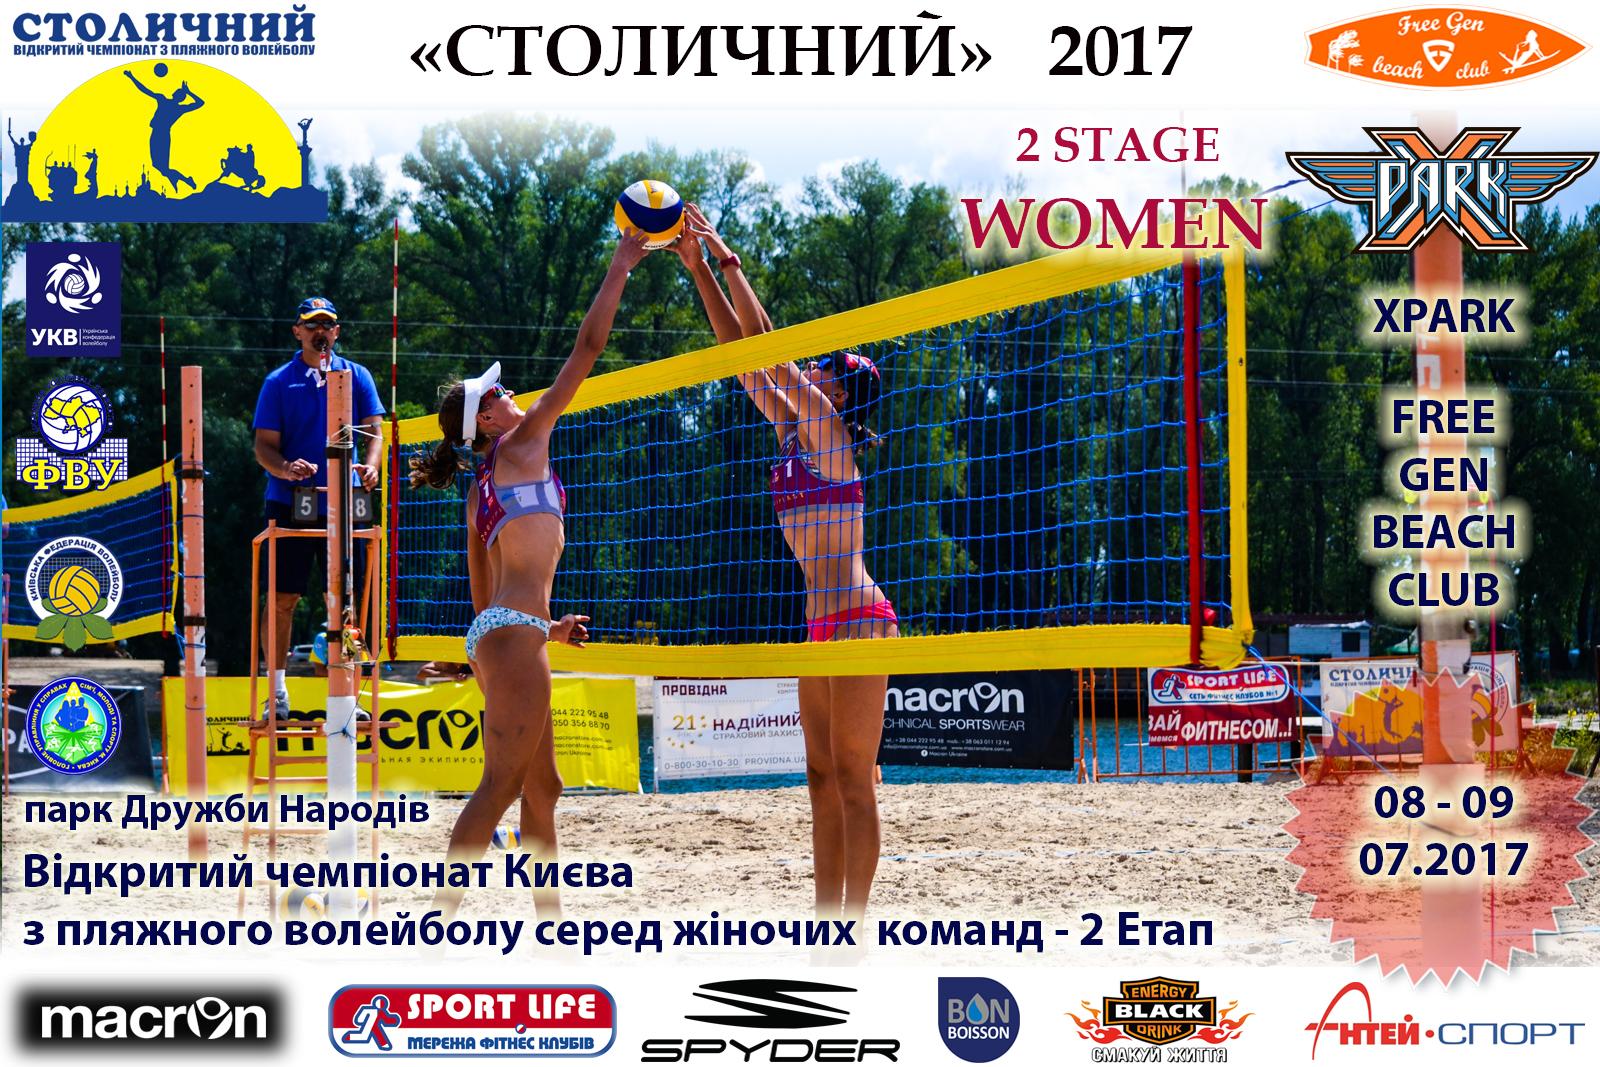 Пляжний волейбол. 2 Етап